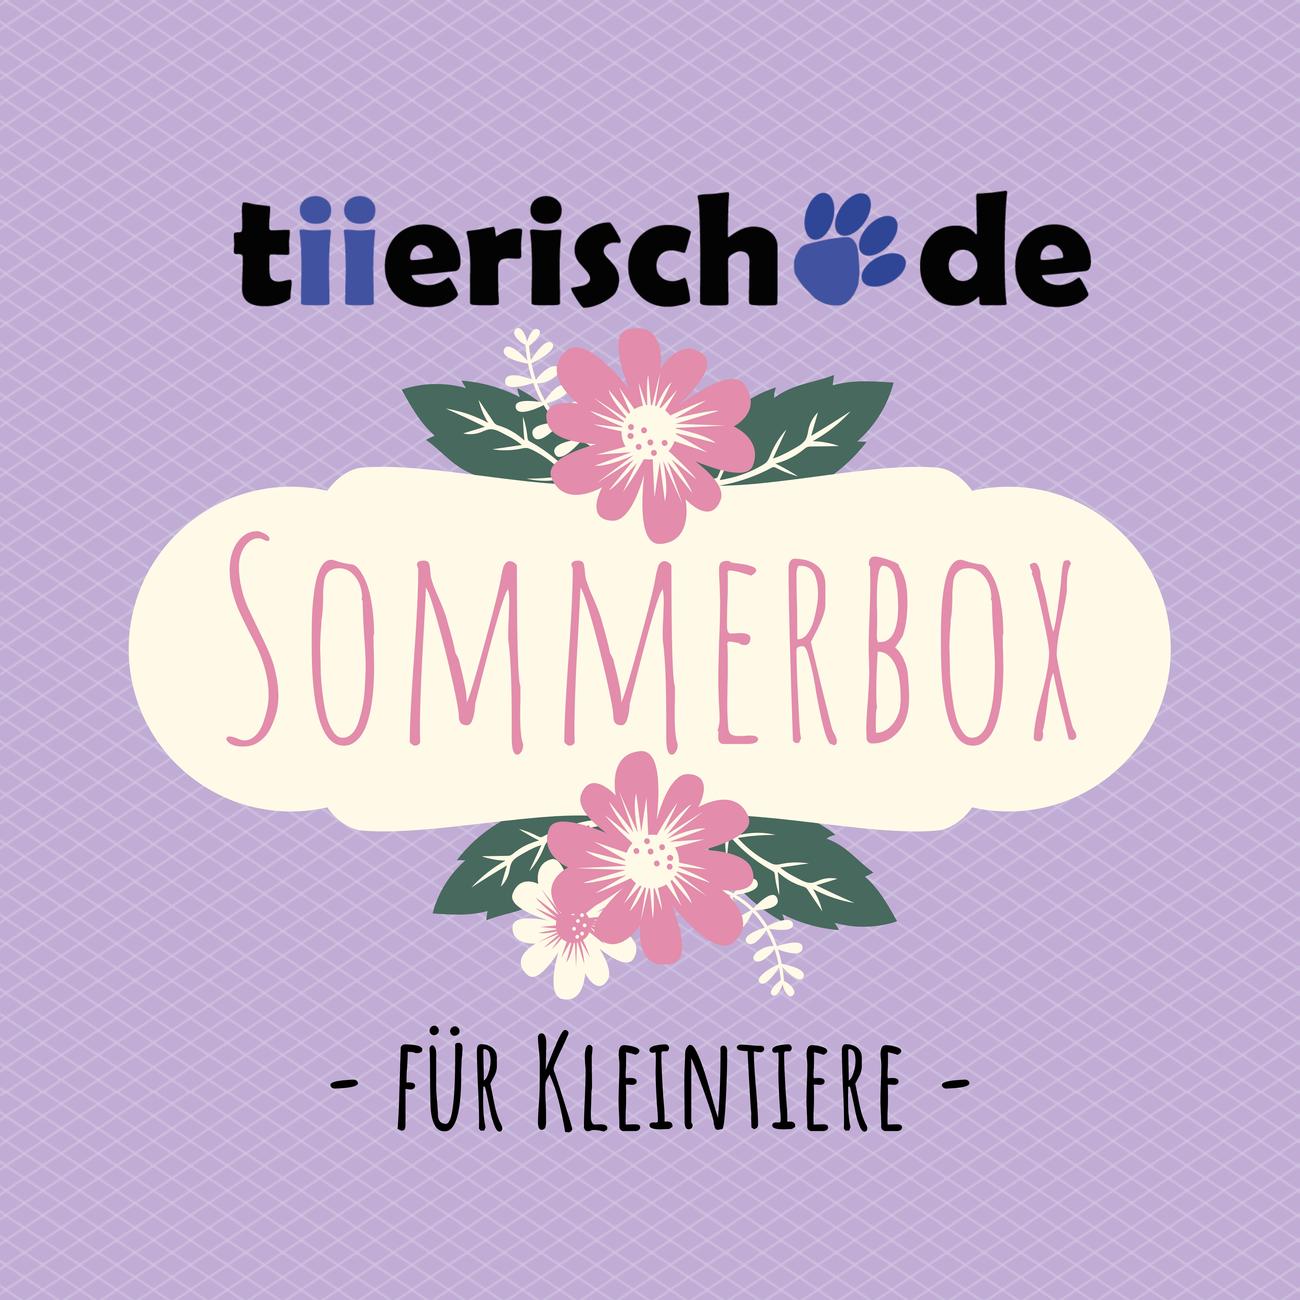 tiierisch.de Die Sommerbox für Kleintiere